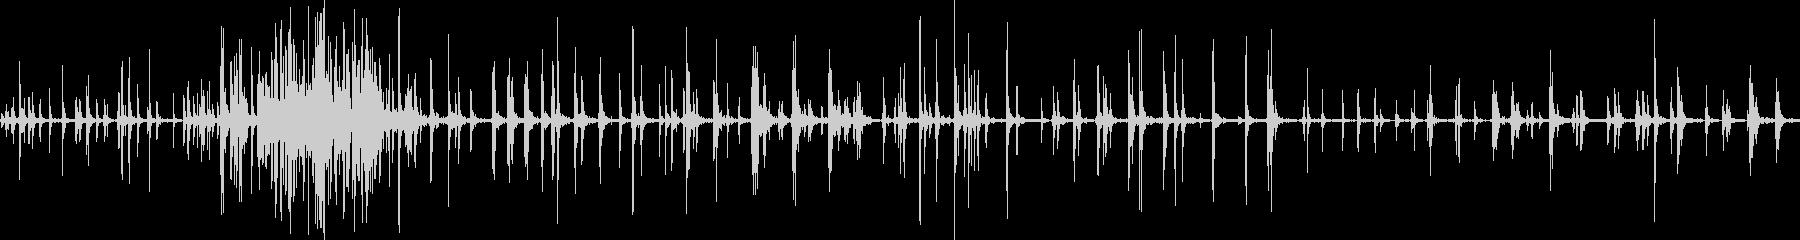 スモールピースオブメッシュ:ショー...の未再生の波形